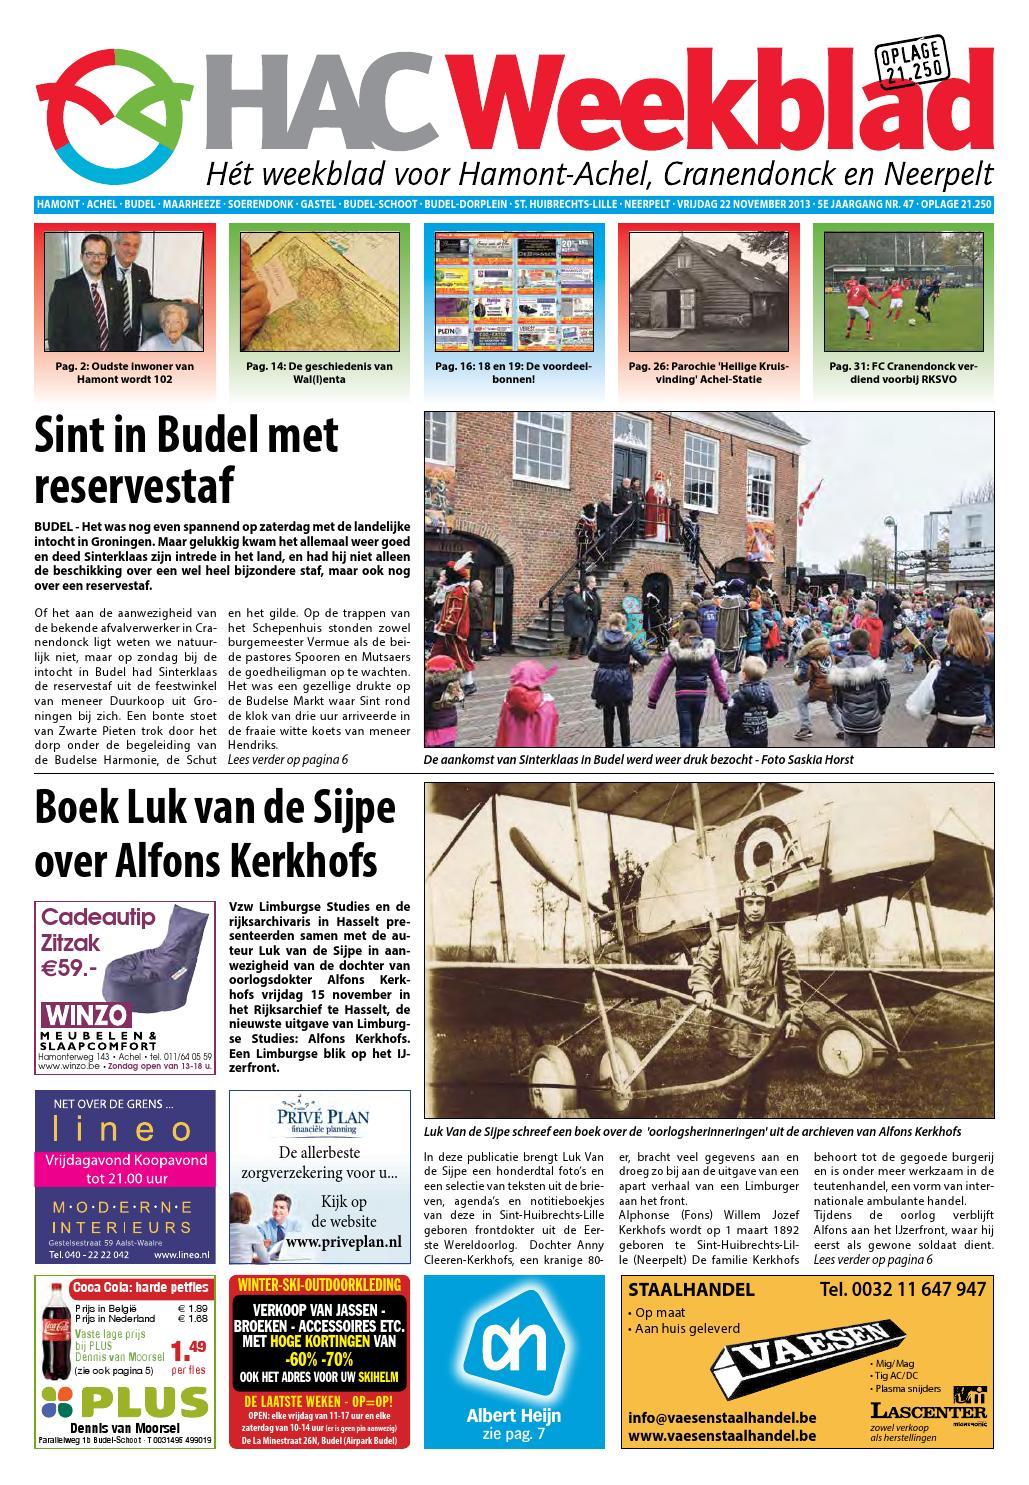 Zitzak Voor Gehandicapten.Hac Weekblad Week 47 2013 By Hac Weekblad Issuu